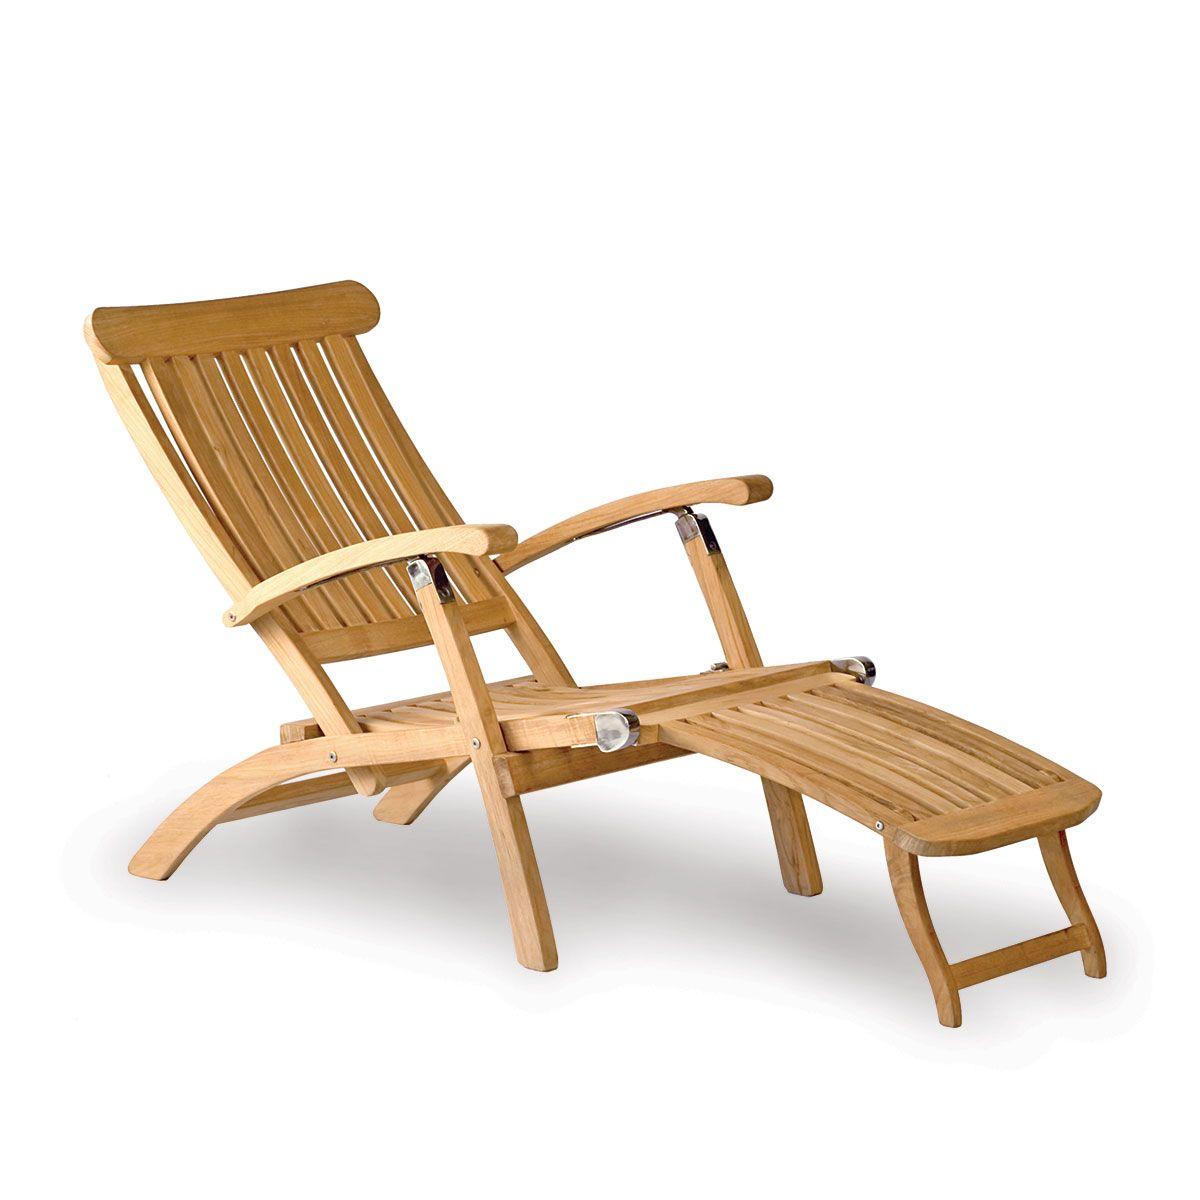 Classic Teak Steamer Chair Deck Chairs Teak Adirondack Chairs